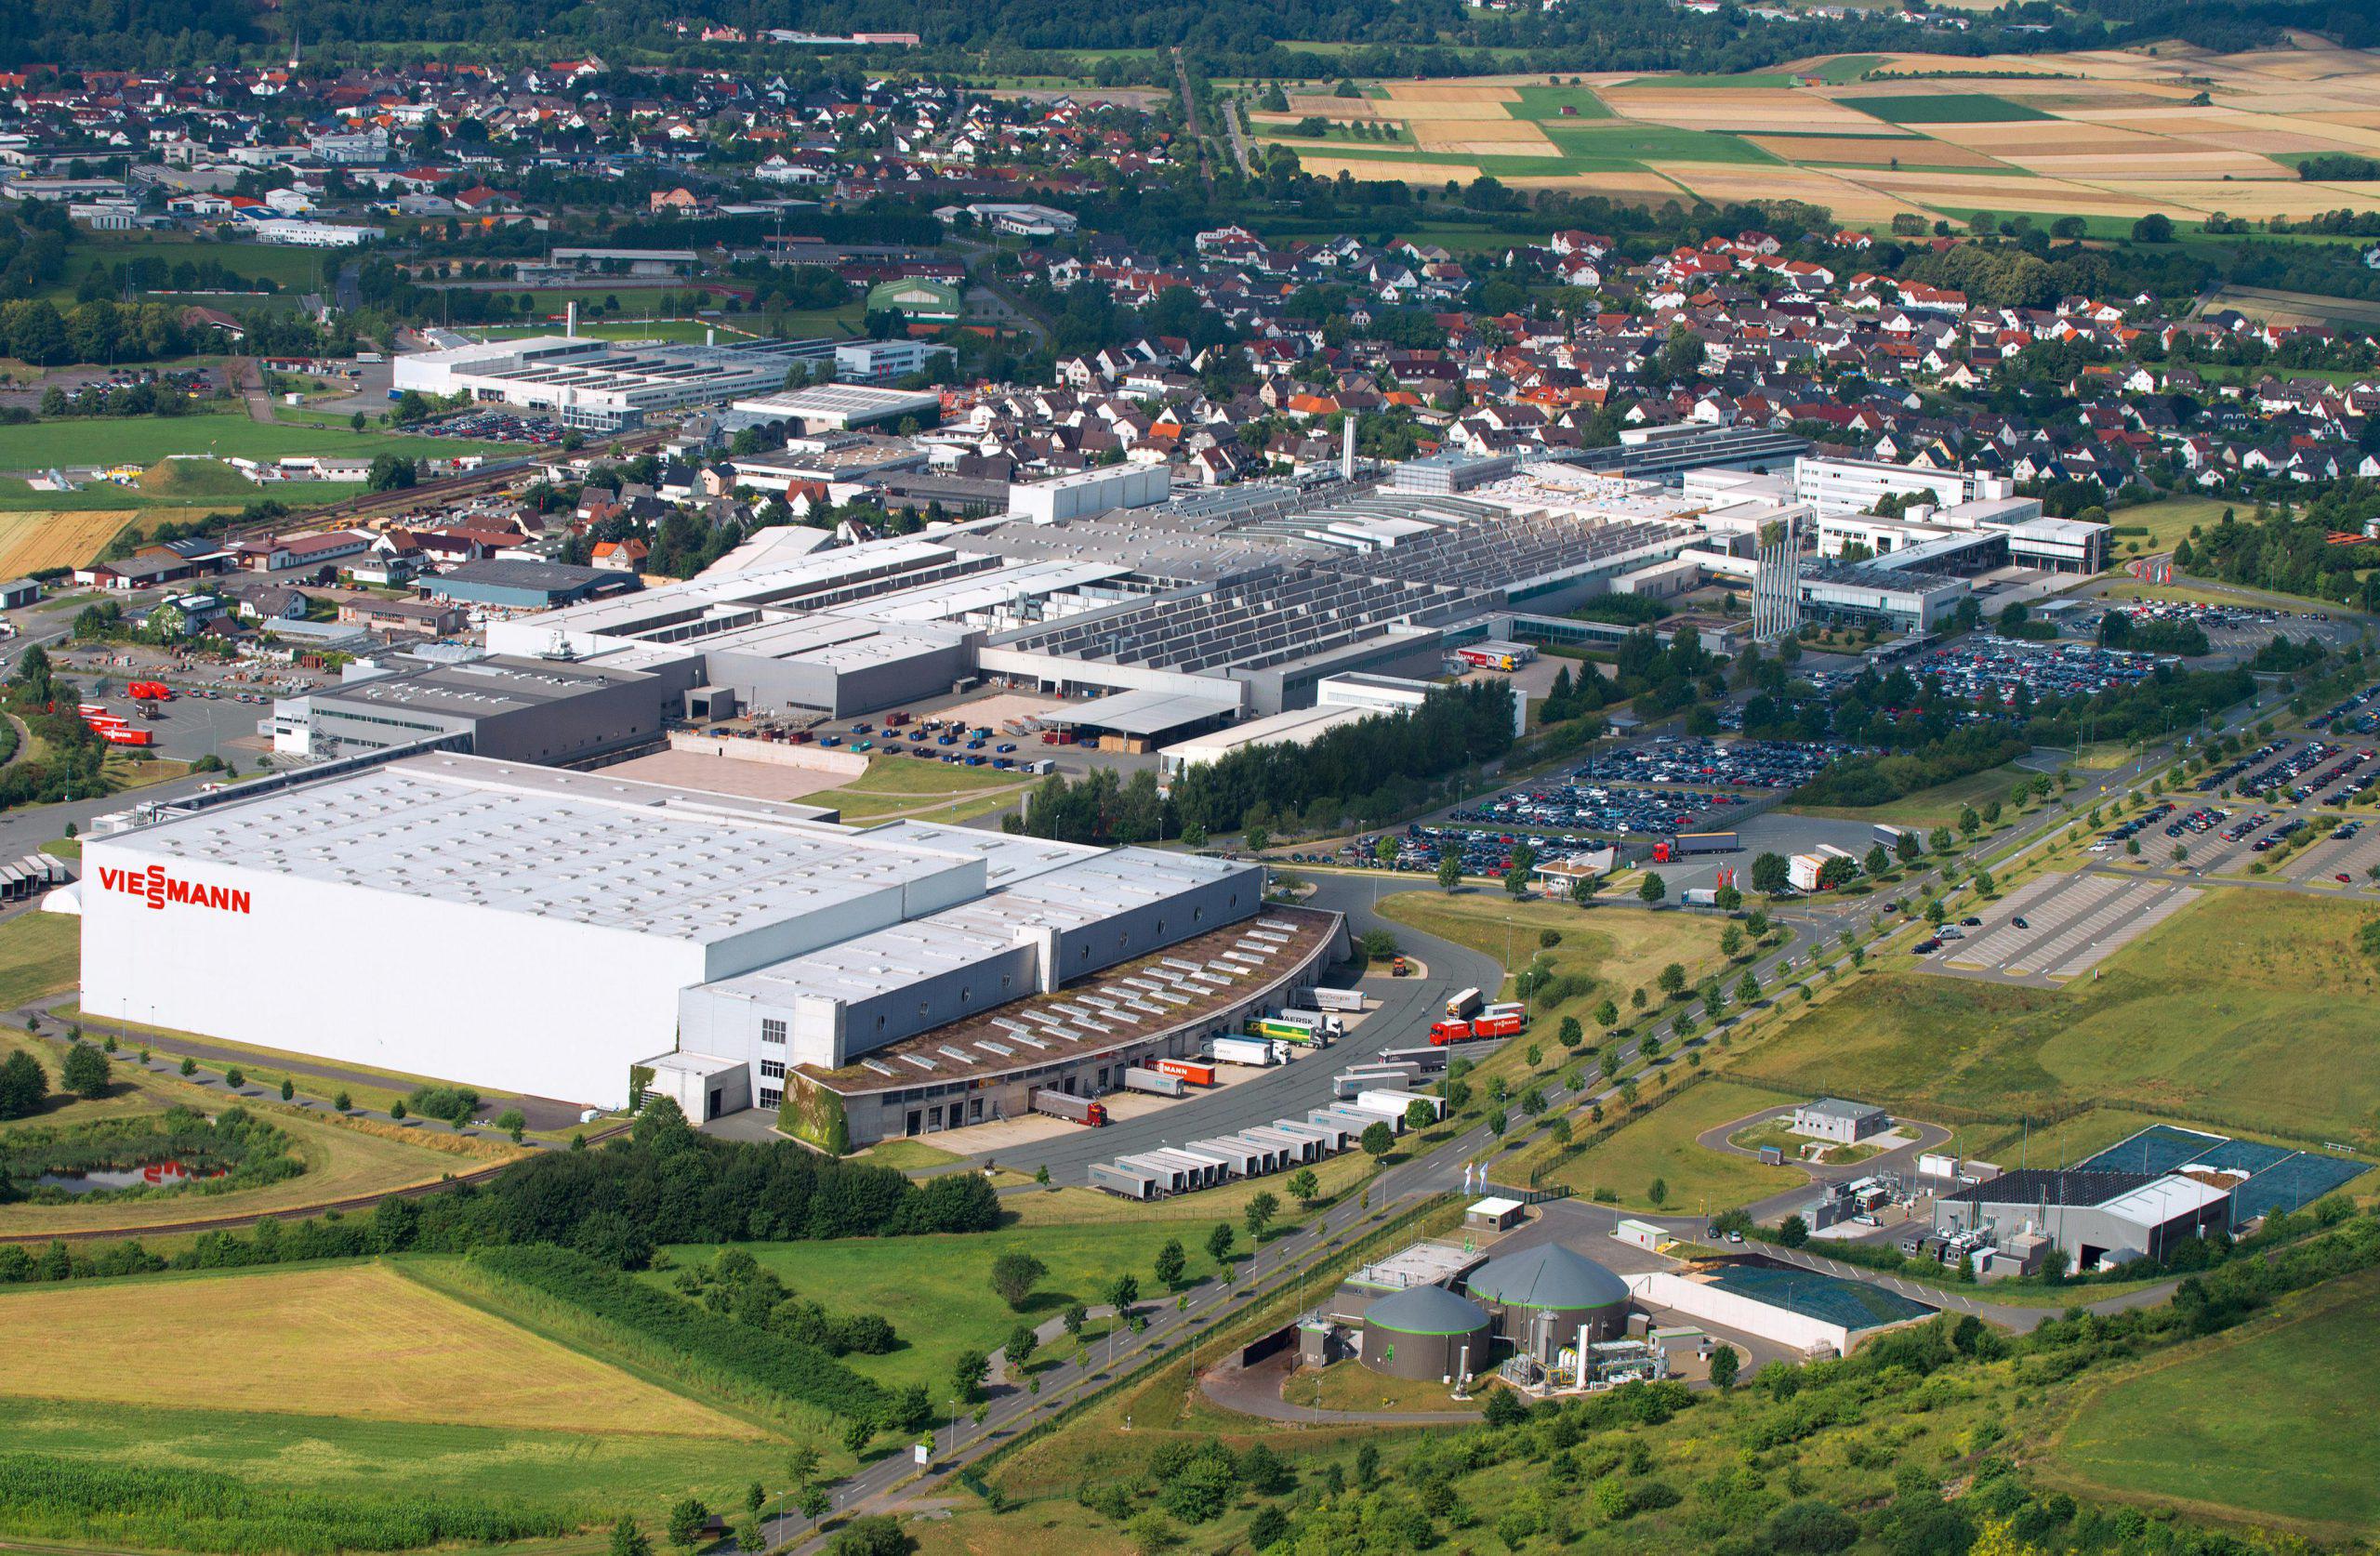 (Bild: Viessmann Werke GmbH & Co. KG)